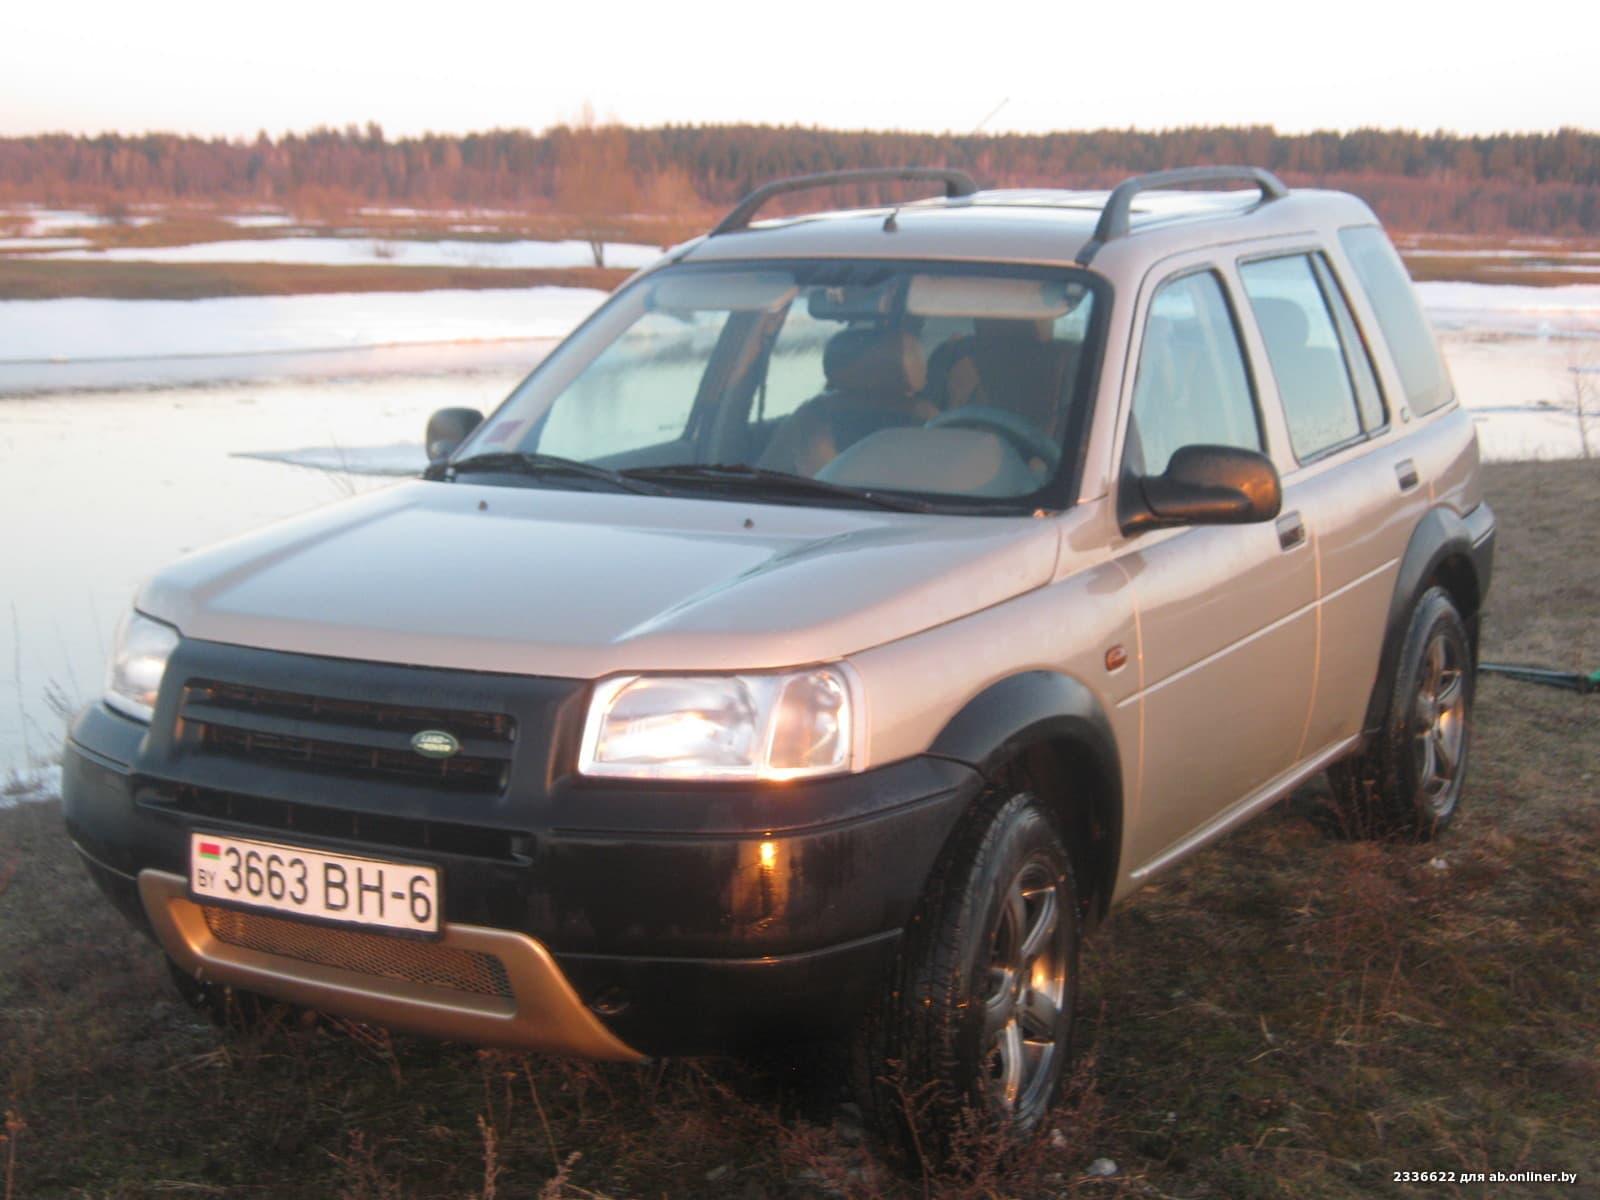 Land Rover Freelander TDI